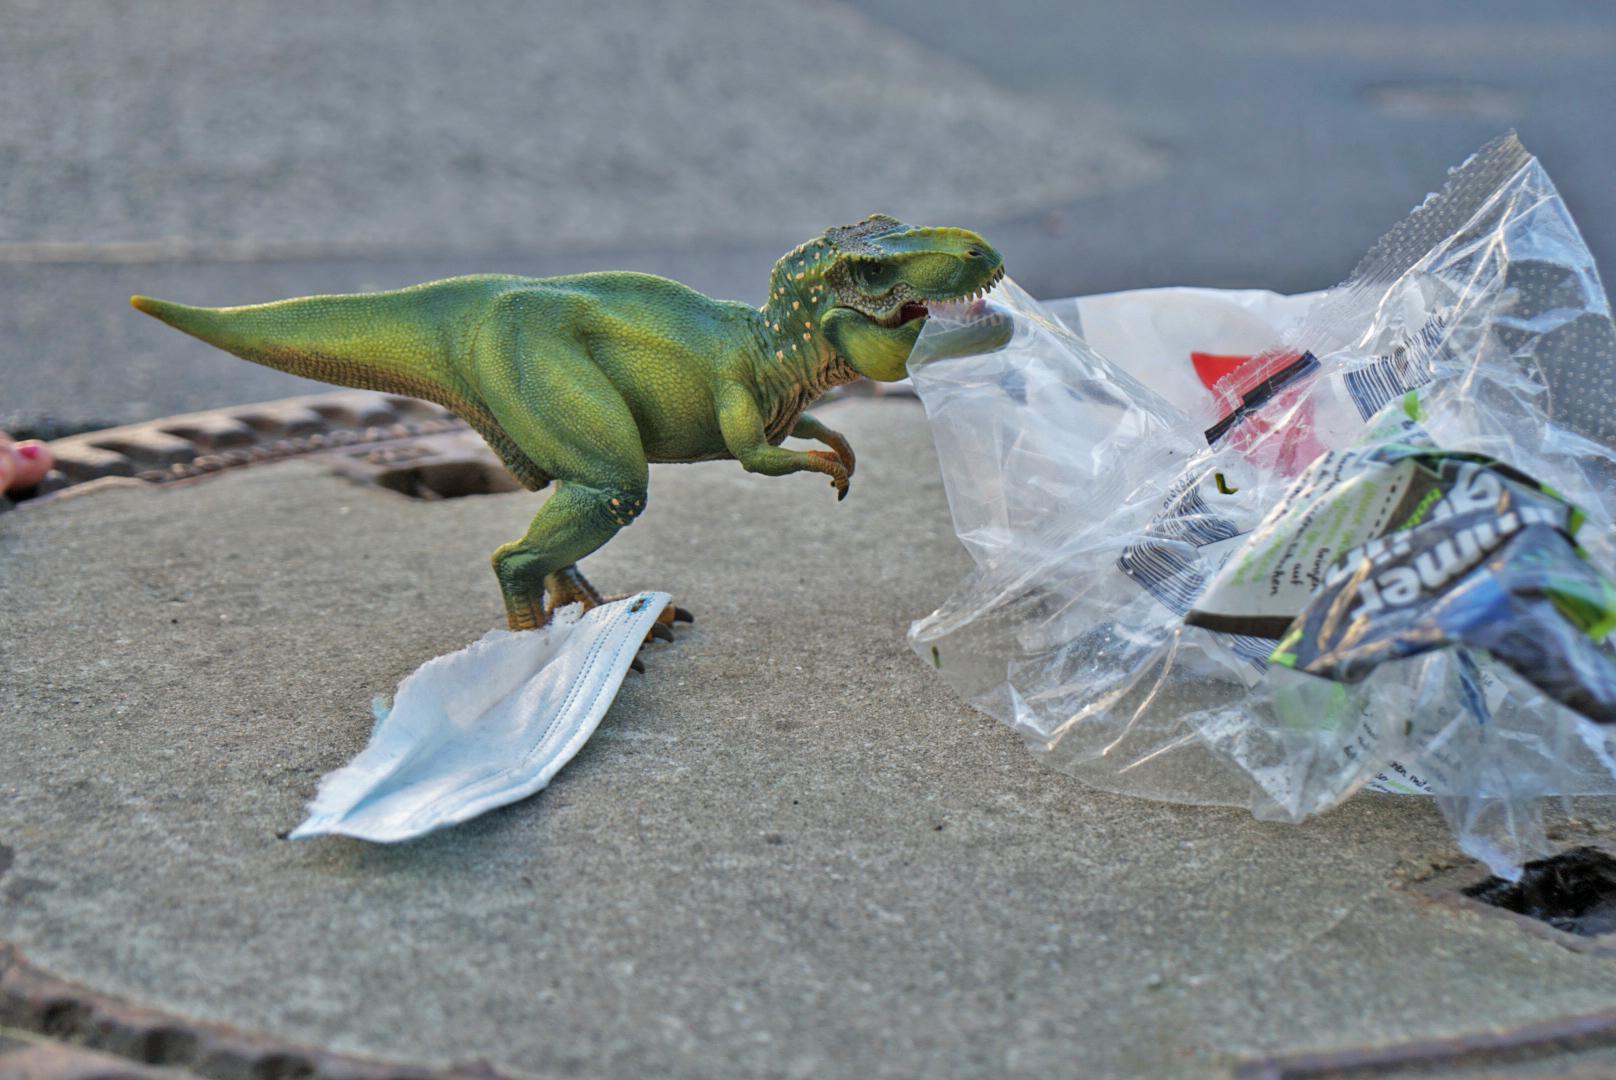 T-rexfigur frisst Plastikmüll